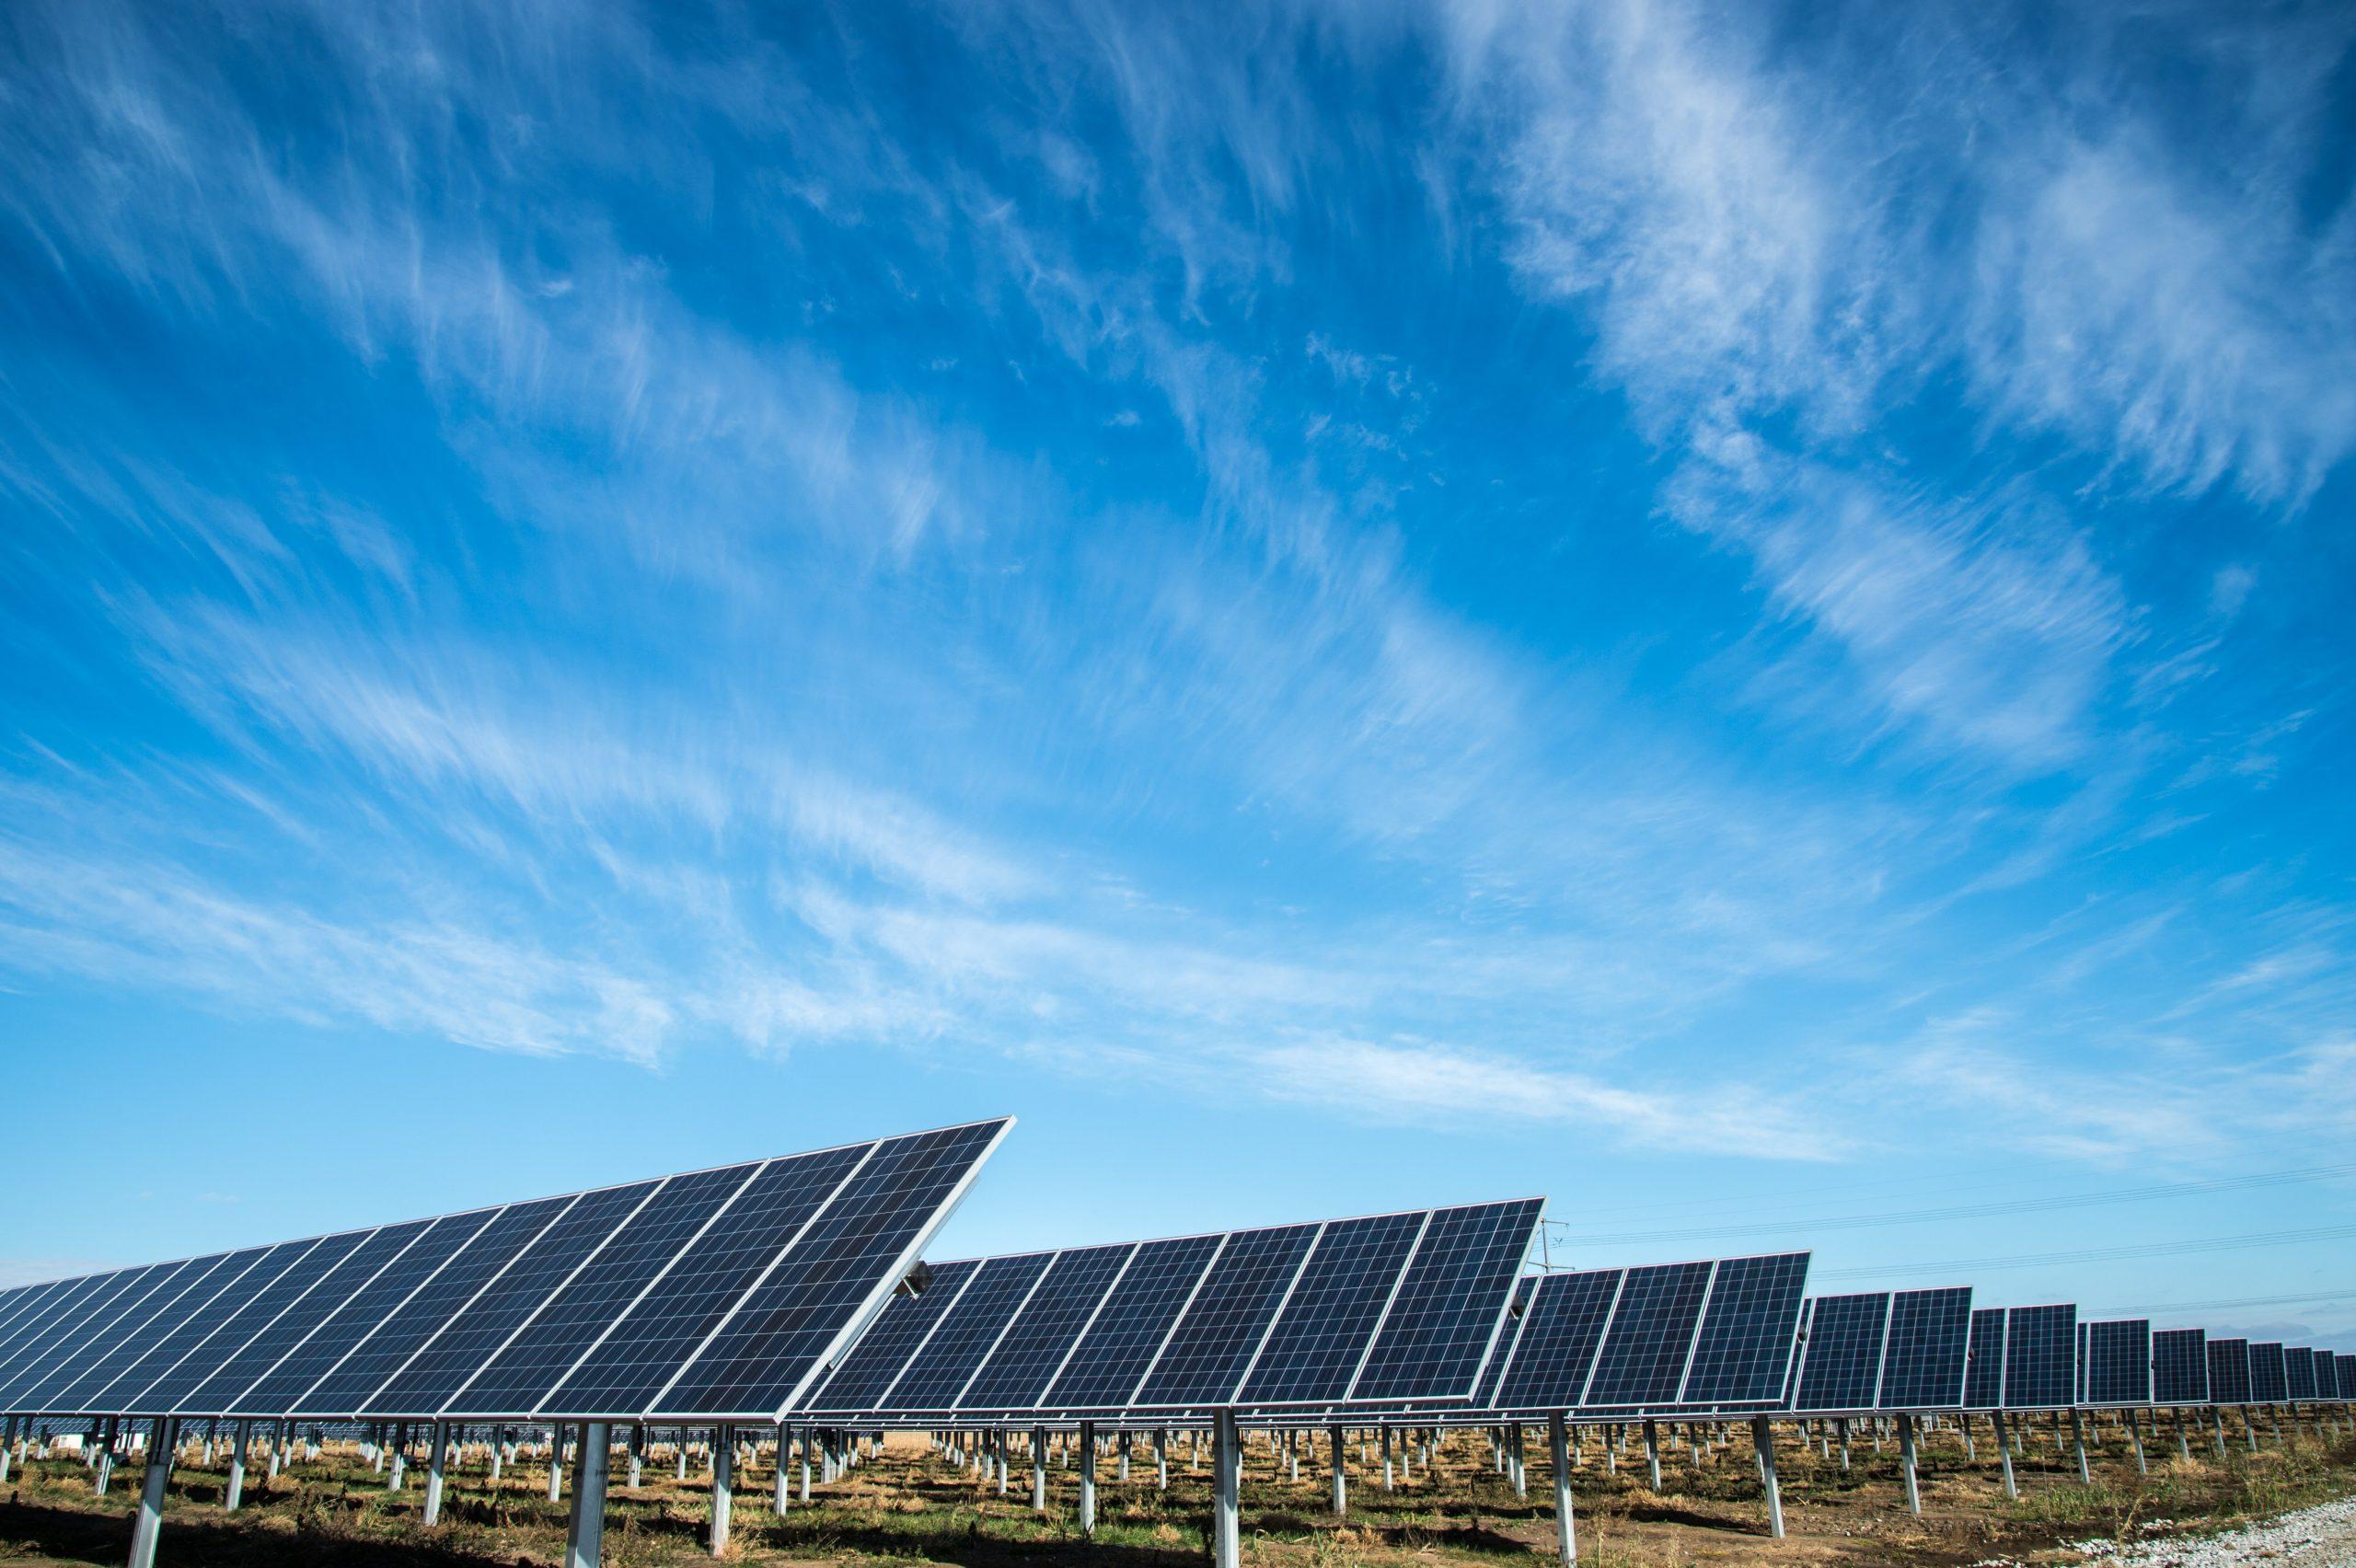 Почему падают акции зеленой энергетики?